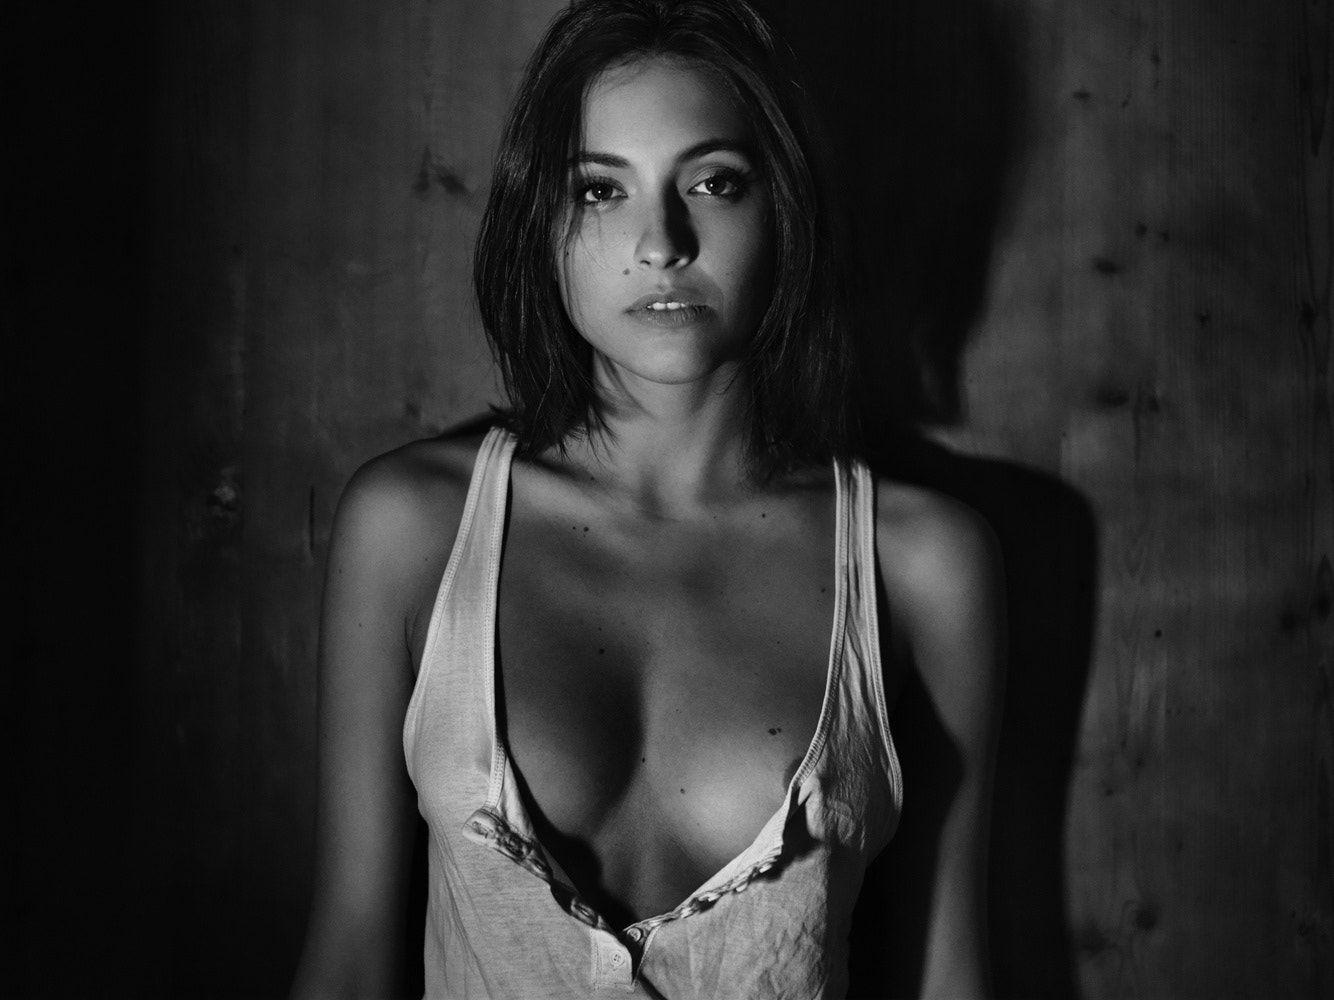 Celebrites Erika Albonetti nude (26 foto and video), Sexy, Paparazzi, Feet, braless 2019